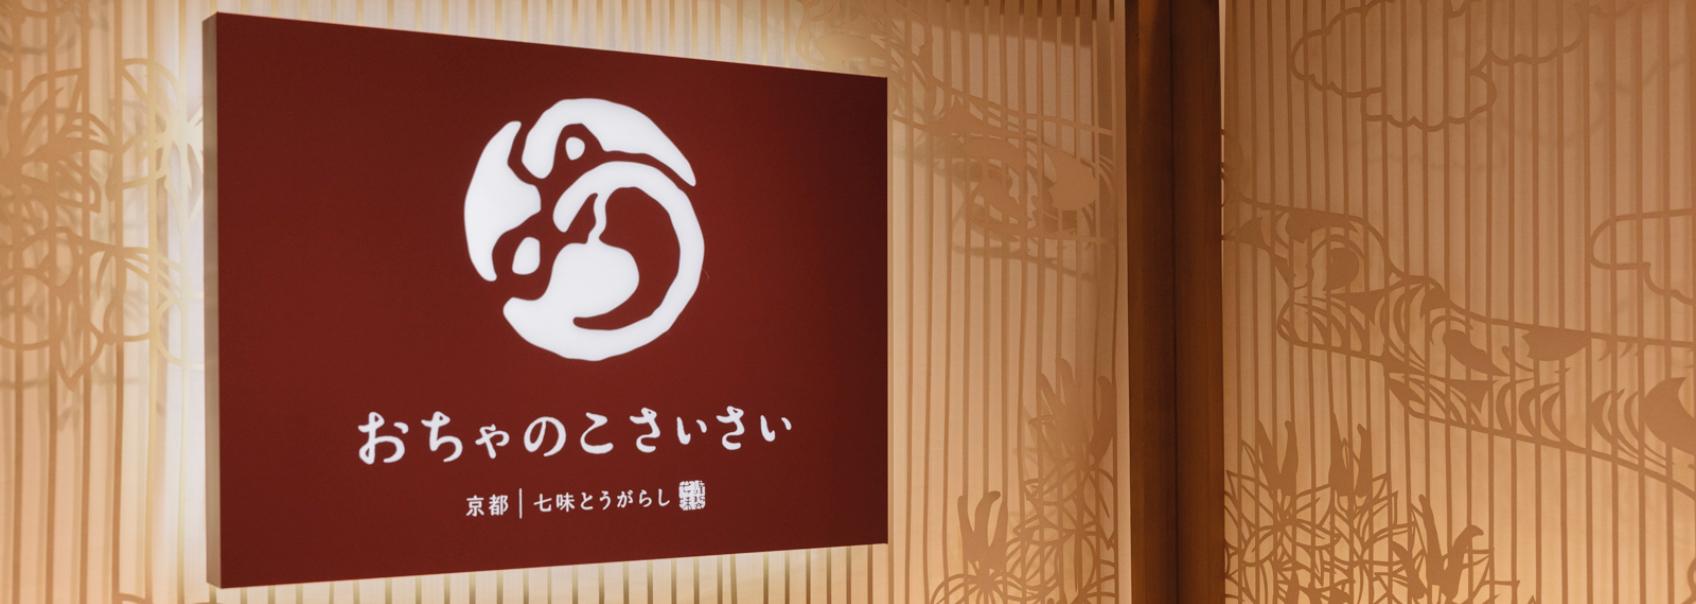 京都タワーサンド店